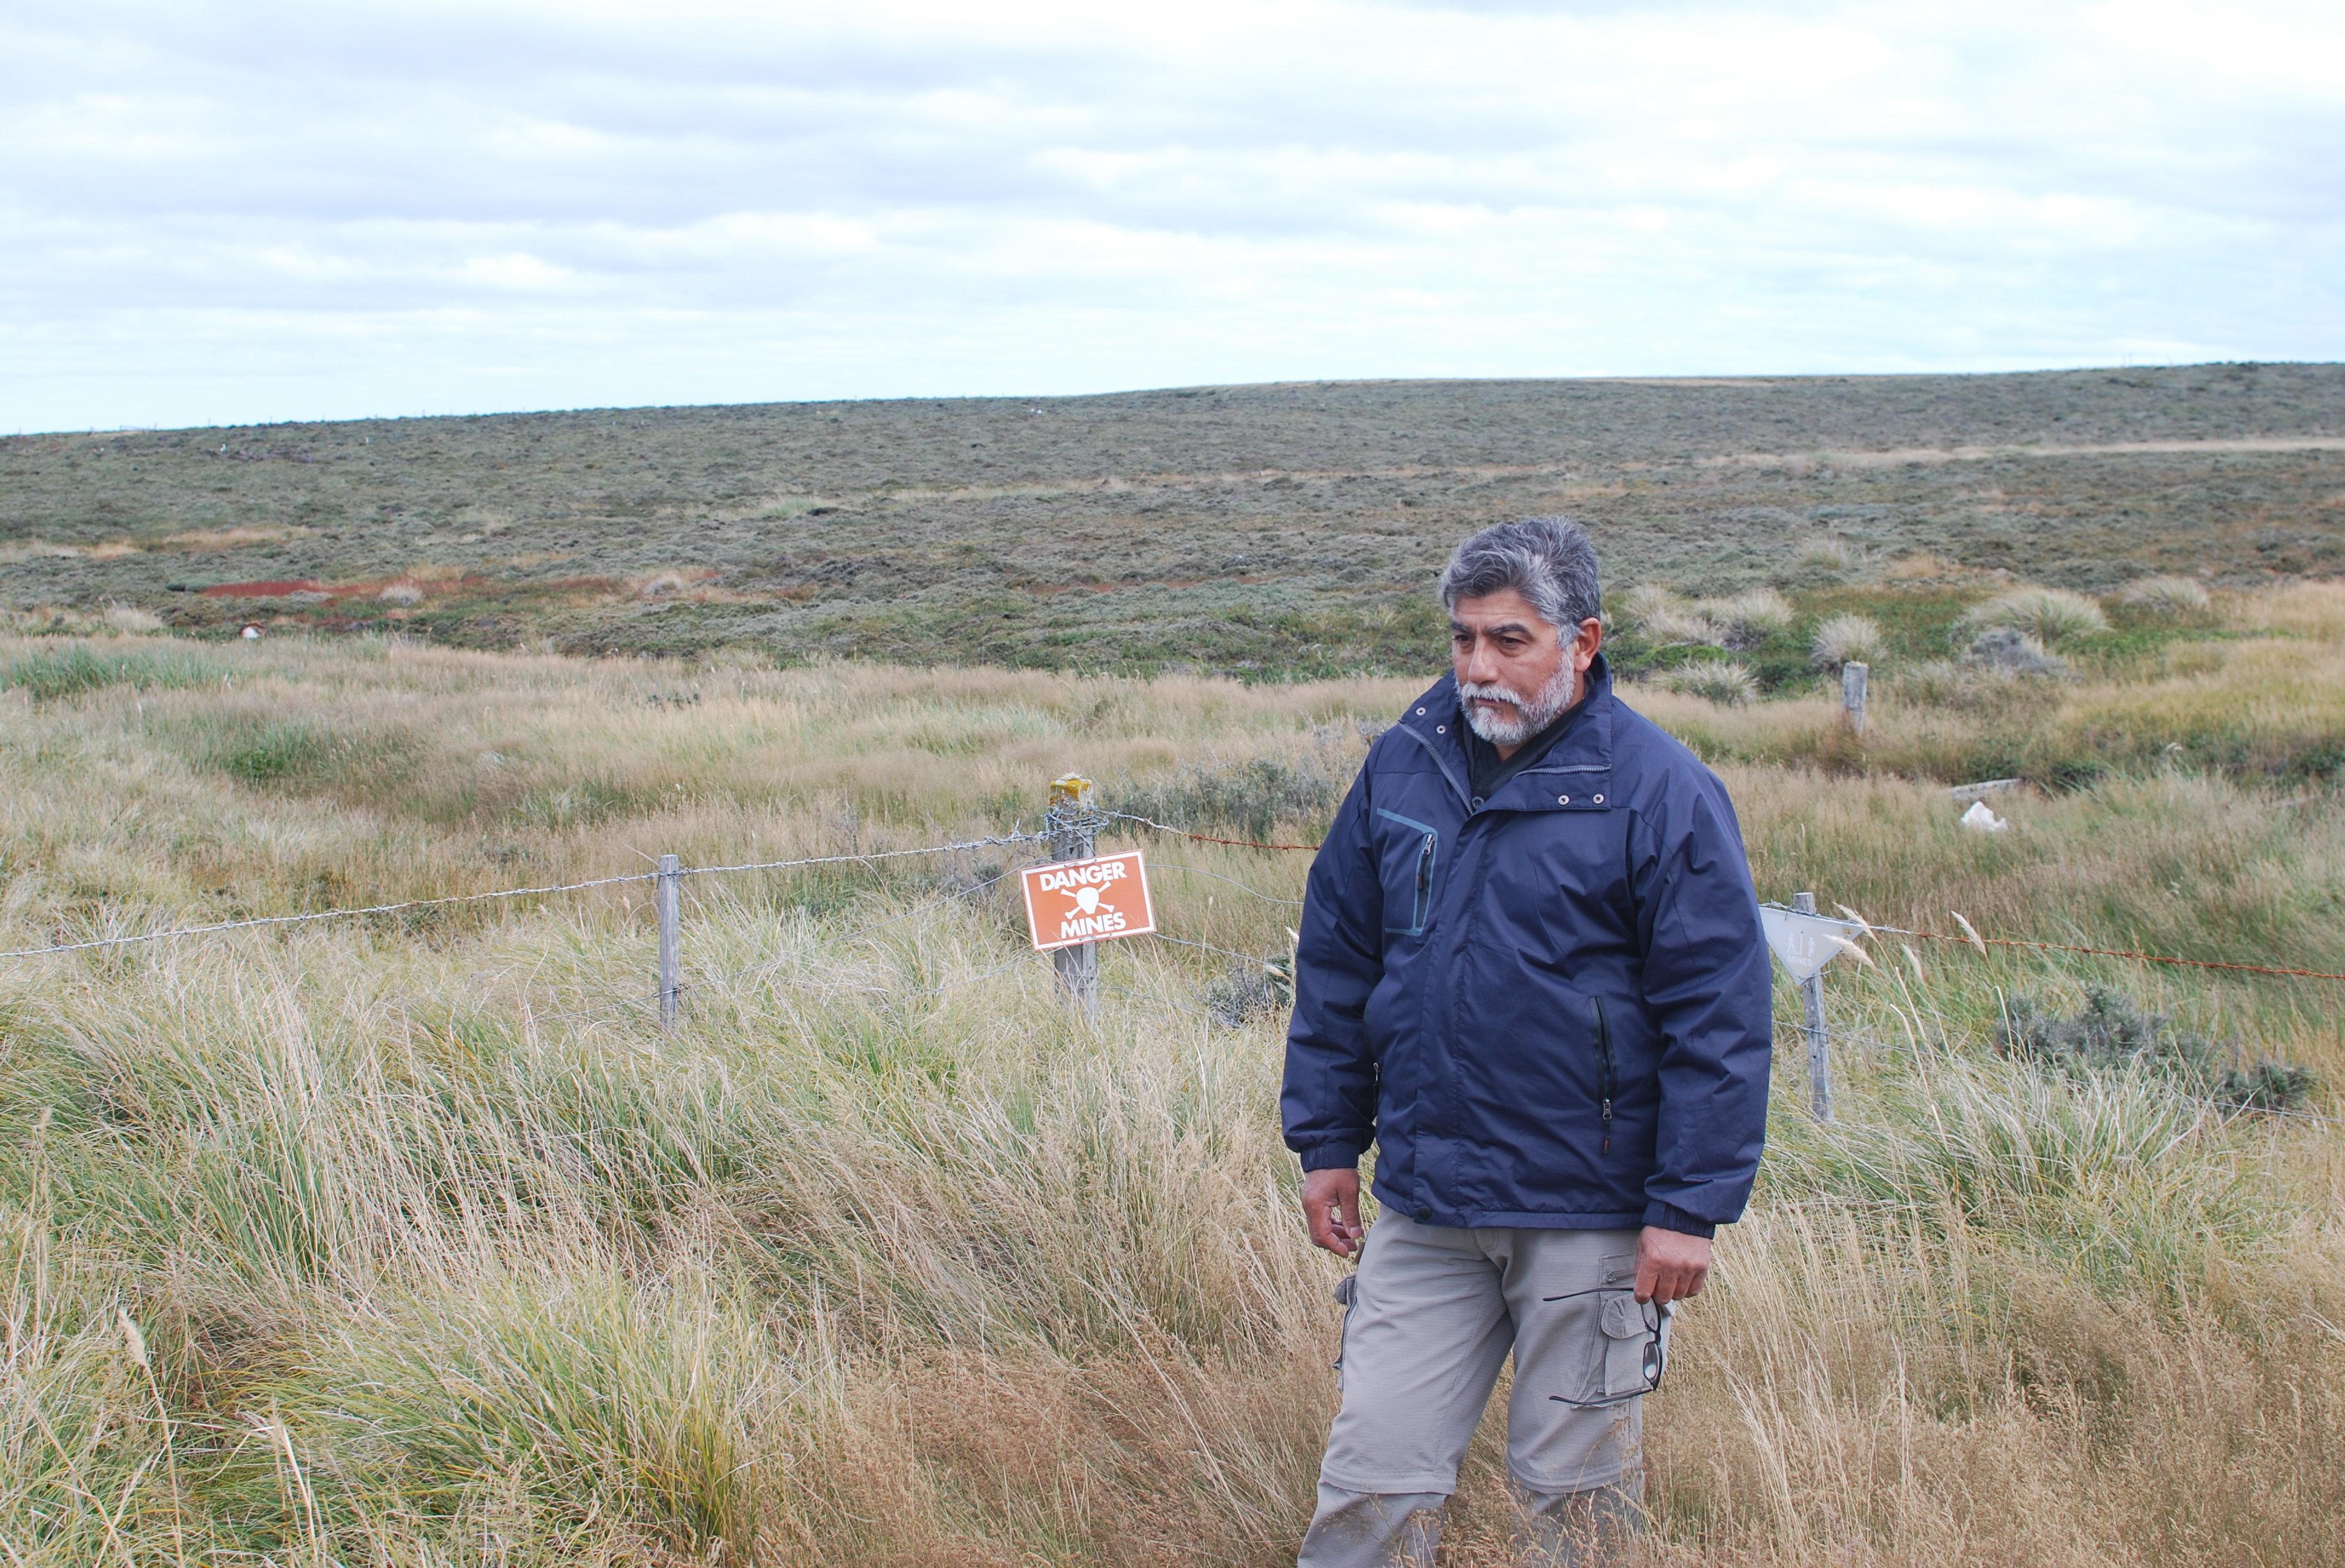 El excombatiente Armando González en un campo minado por el Ejército Argentino durante la Guerra de Malvinas